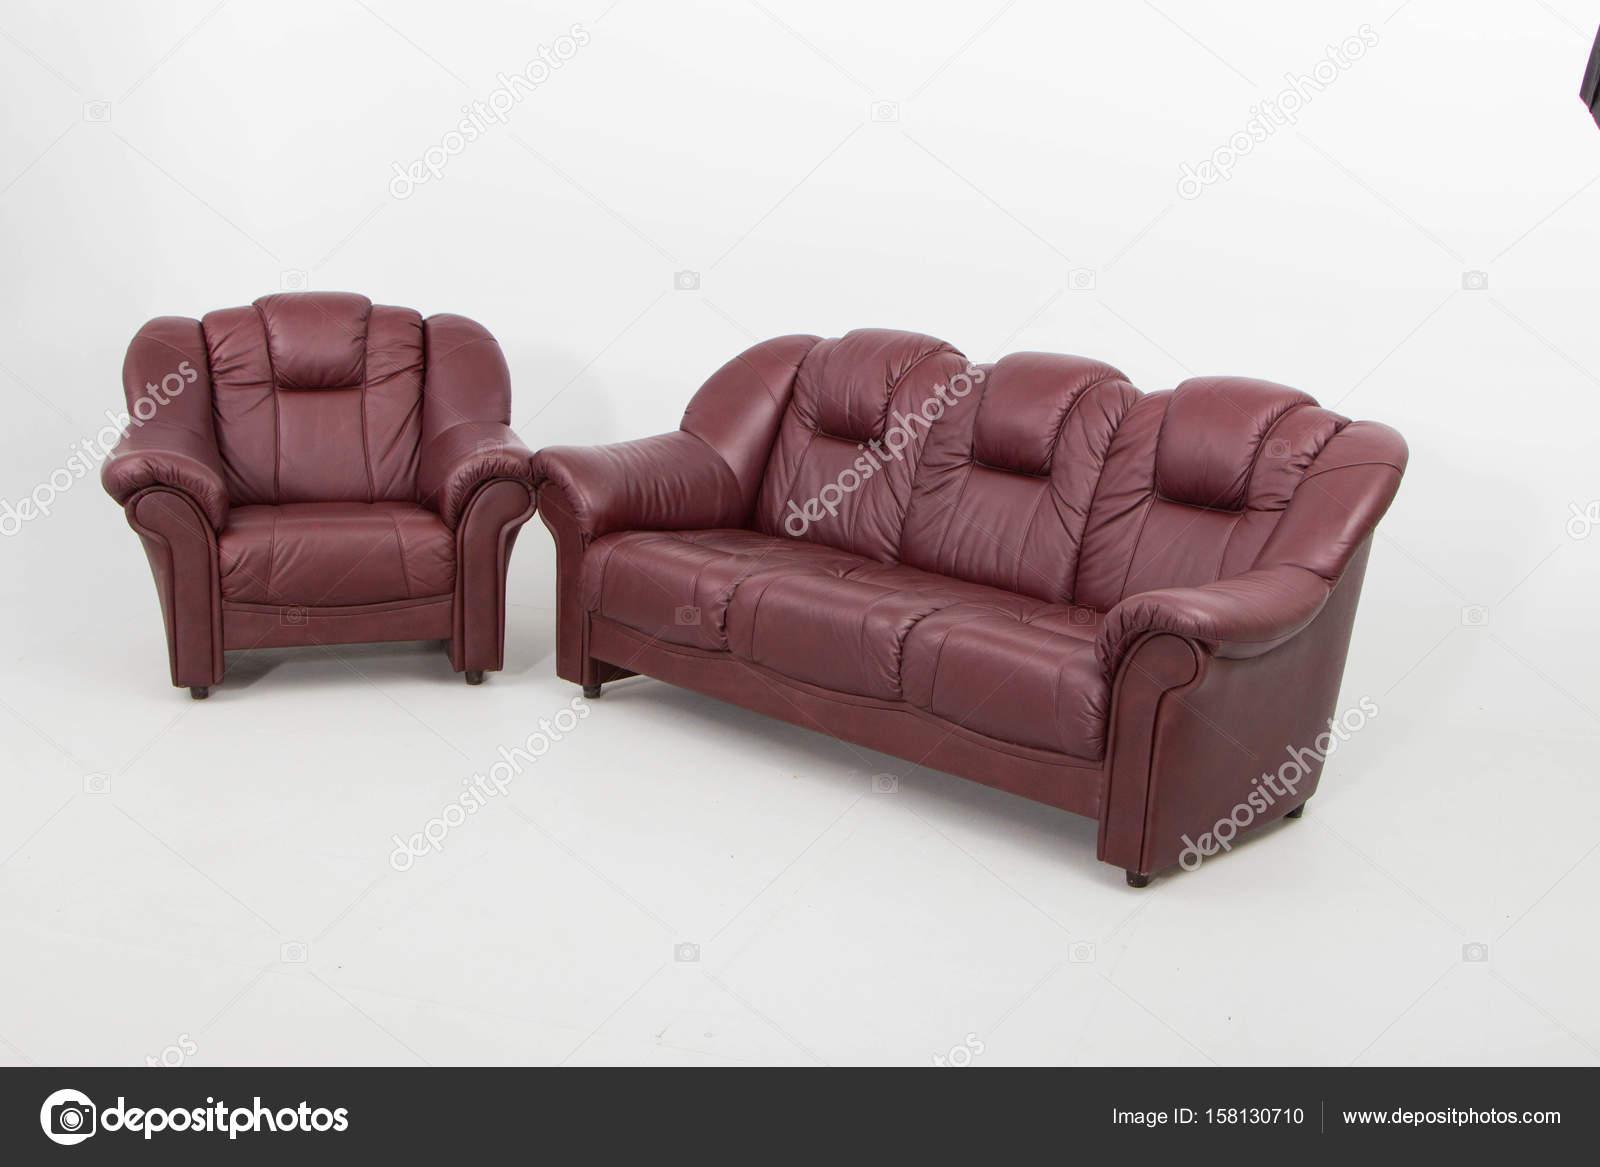 Loveseat sessel leder  Antik-Leder Stuhl Sessel — Stockfoto © jbgroup #158130710